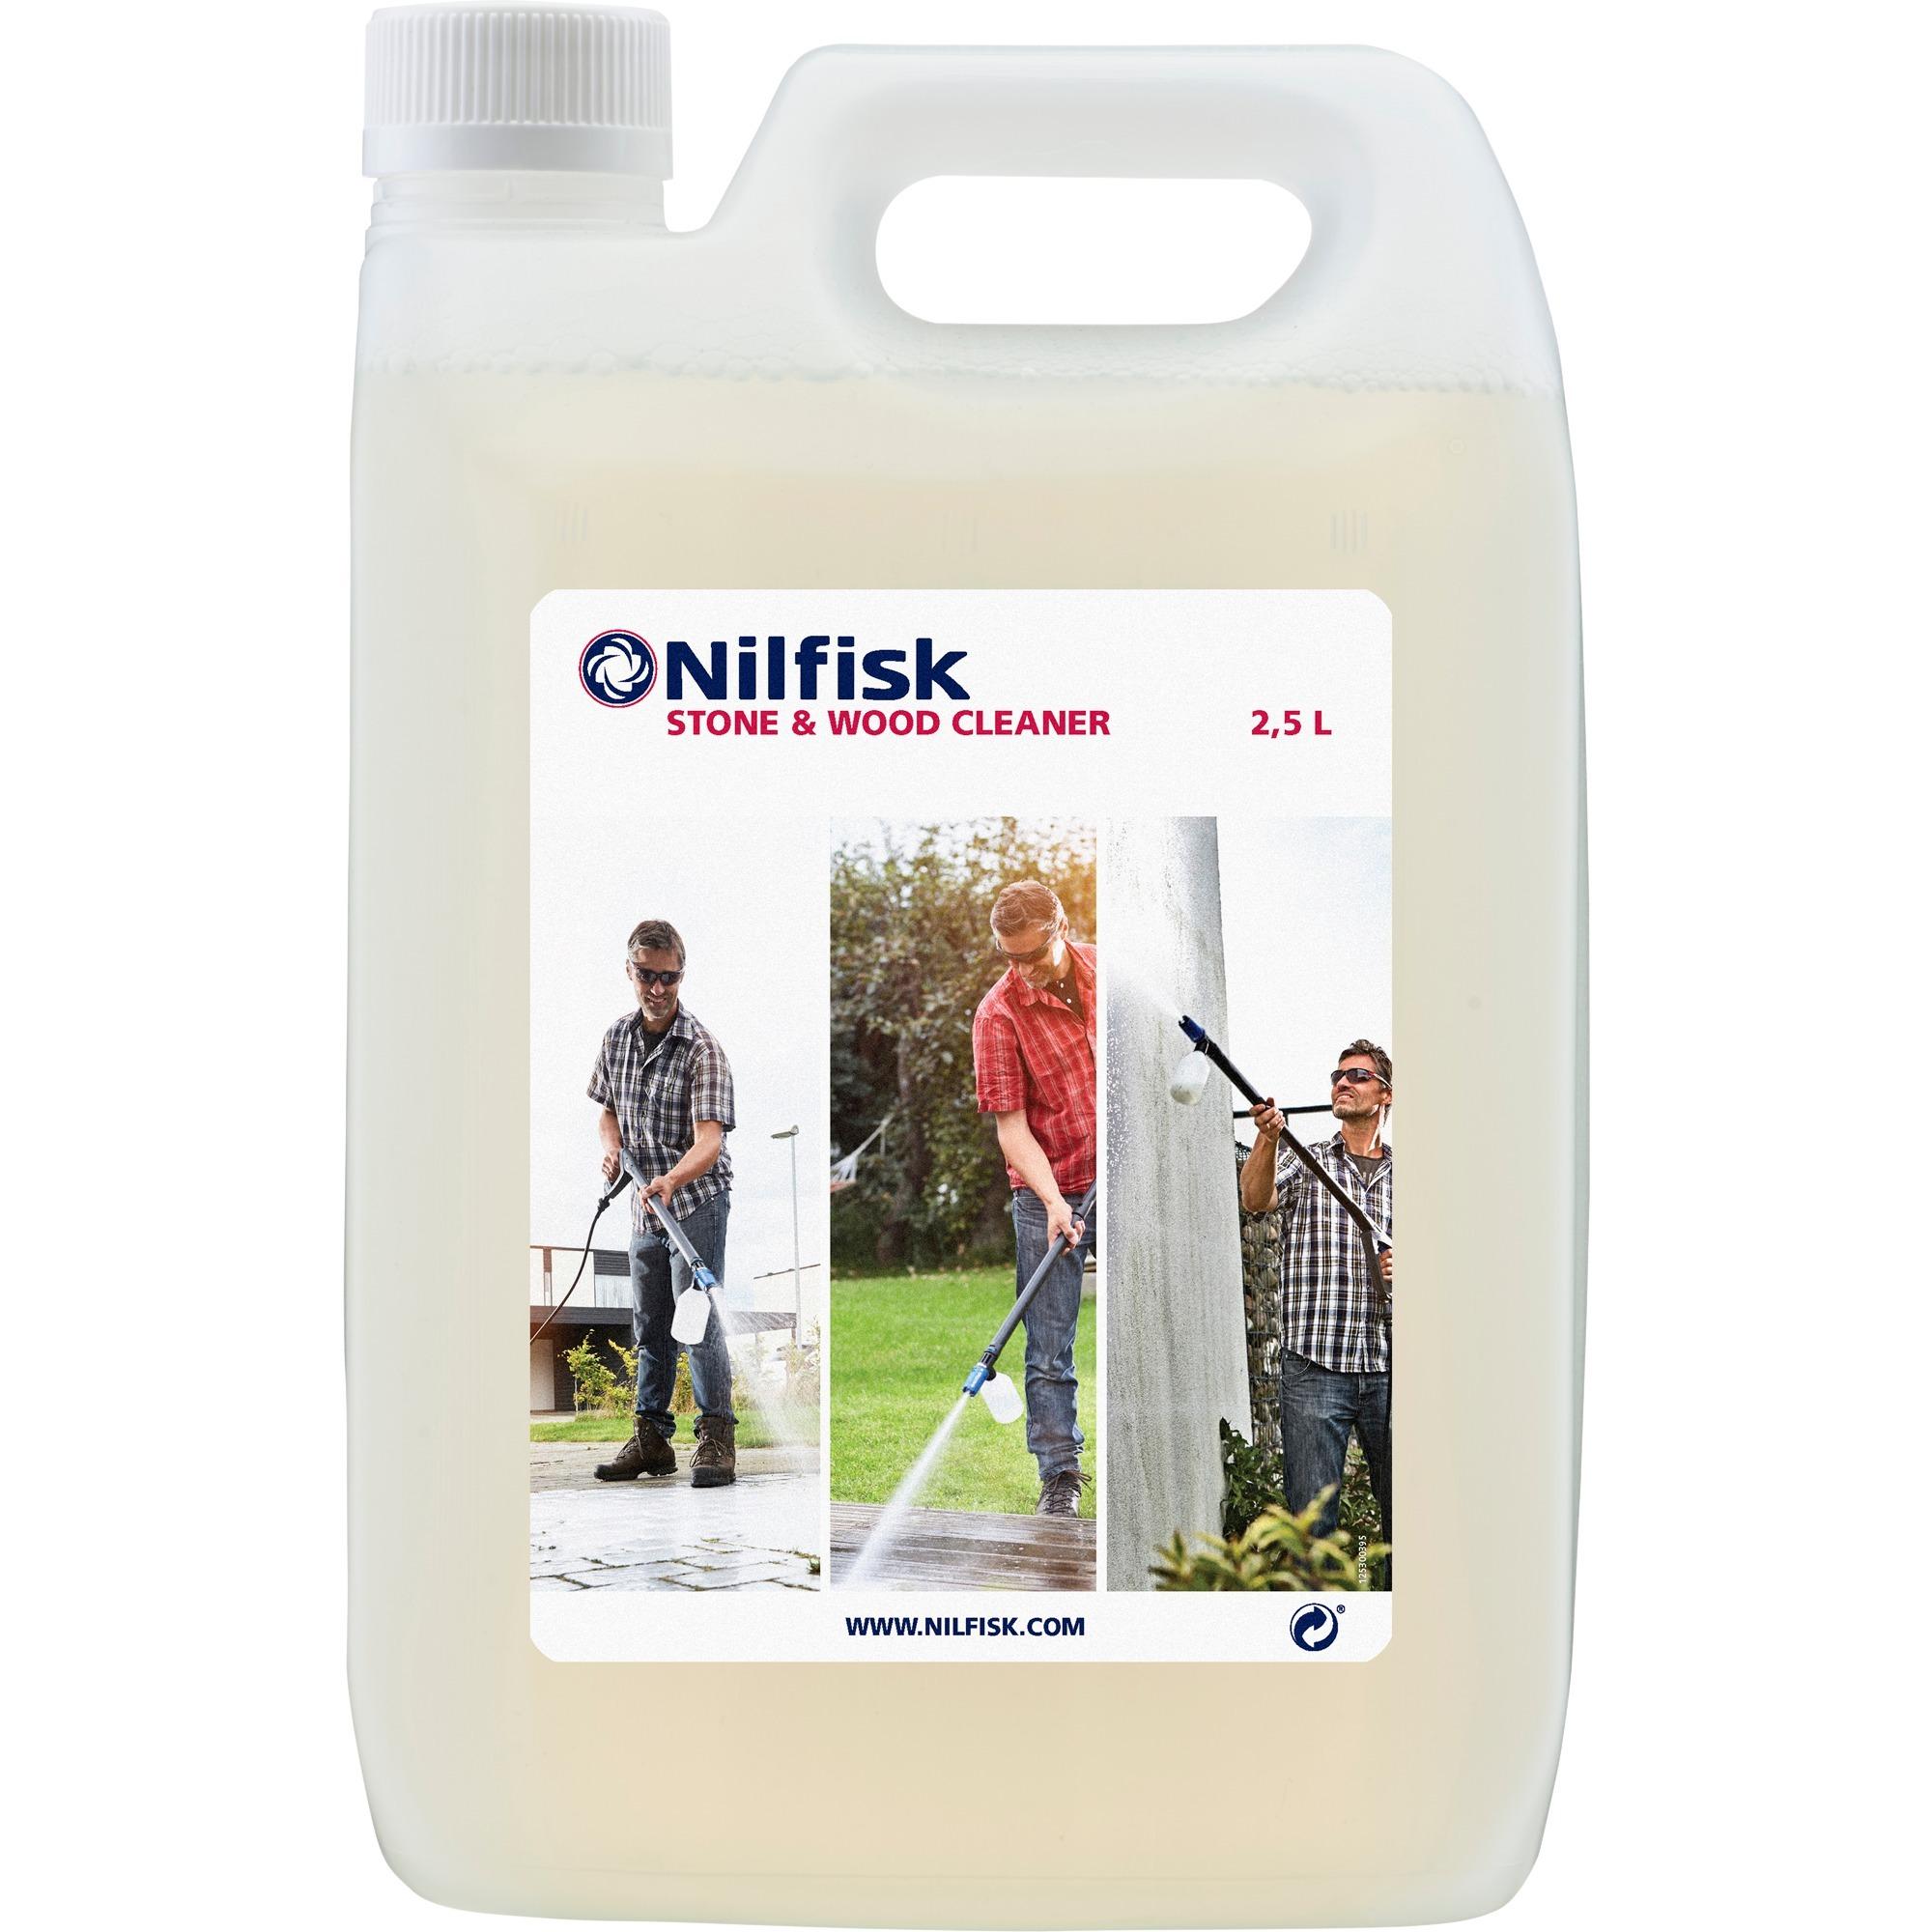 125300385, Productos de limpieza